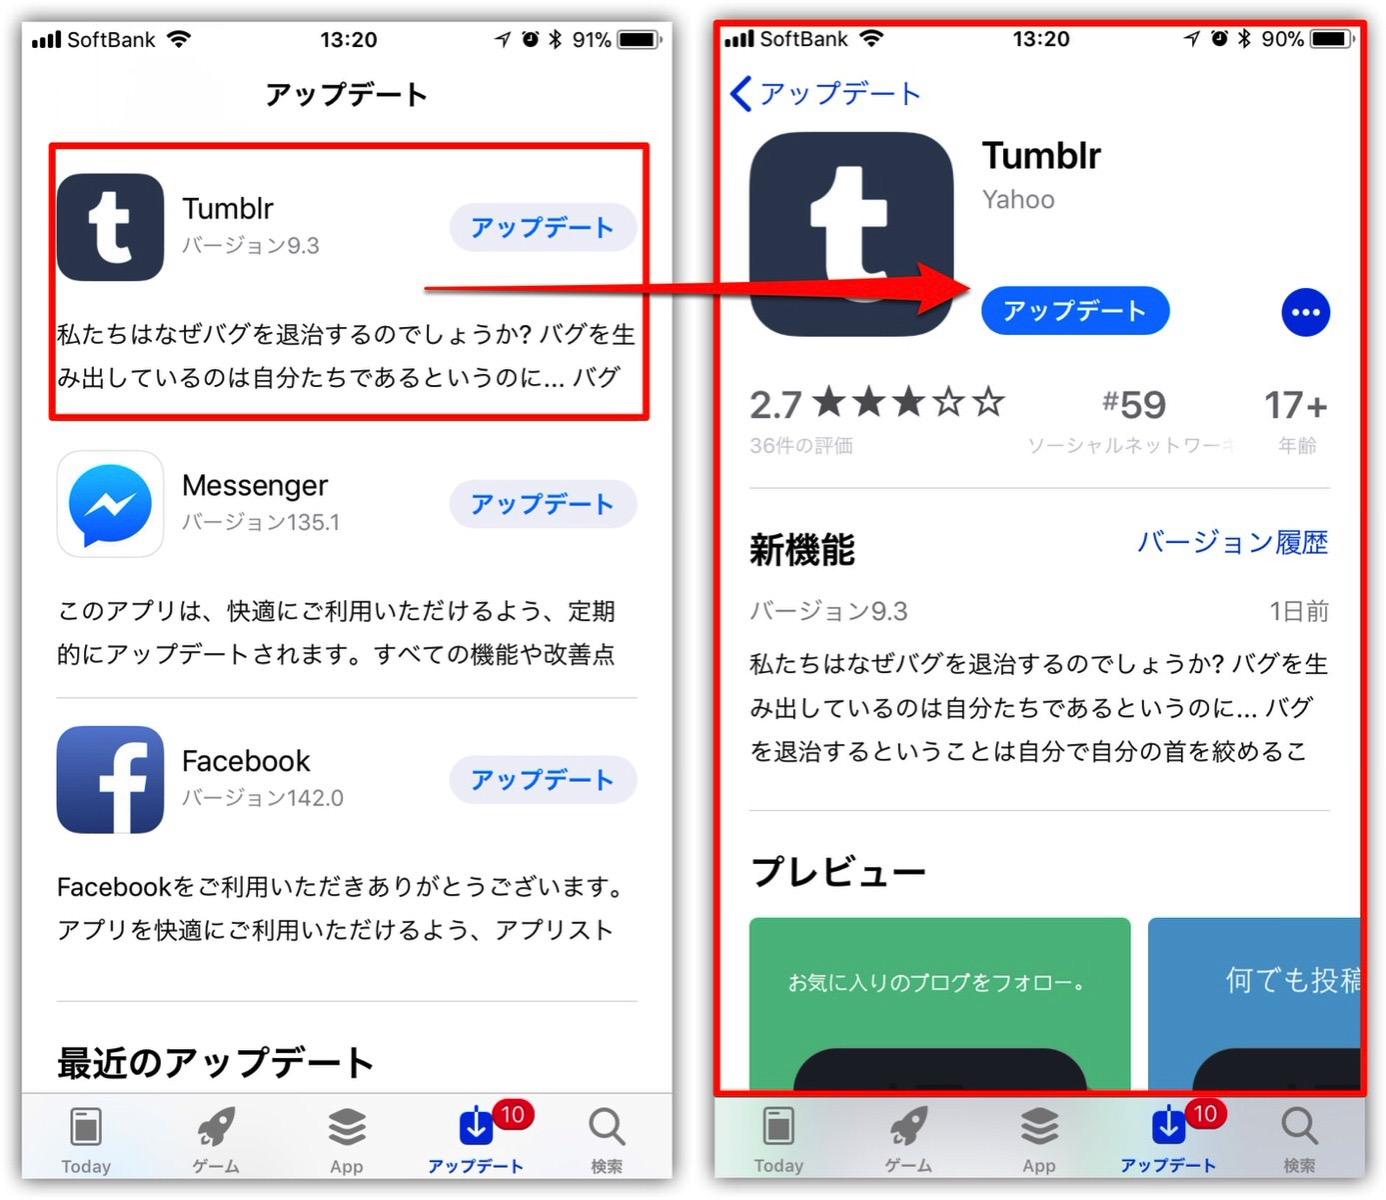 AppStore-1